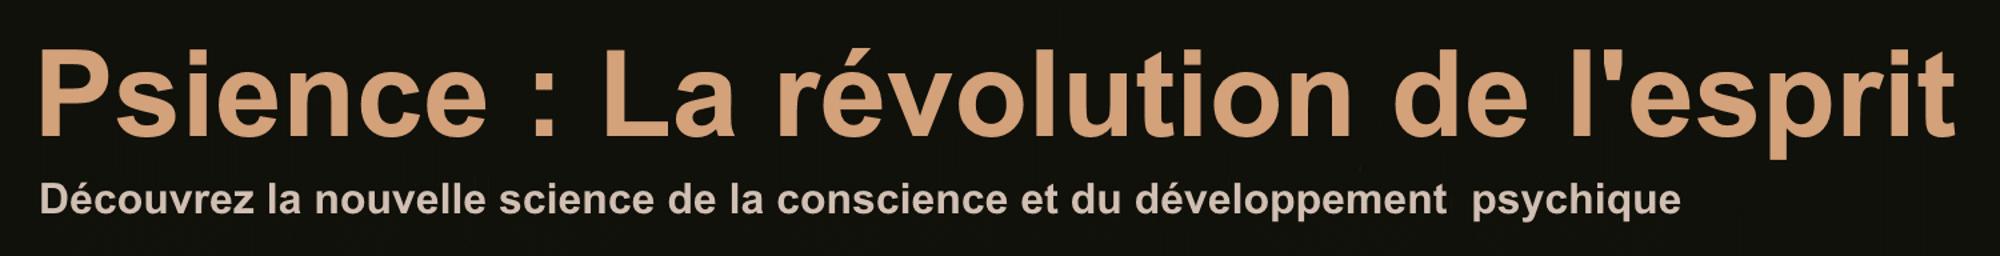 Psience : La révolution de l'esprit